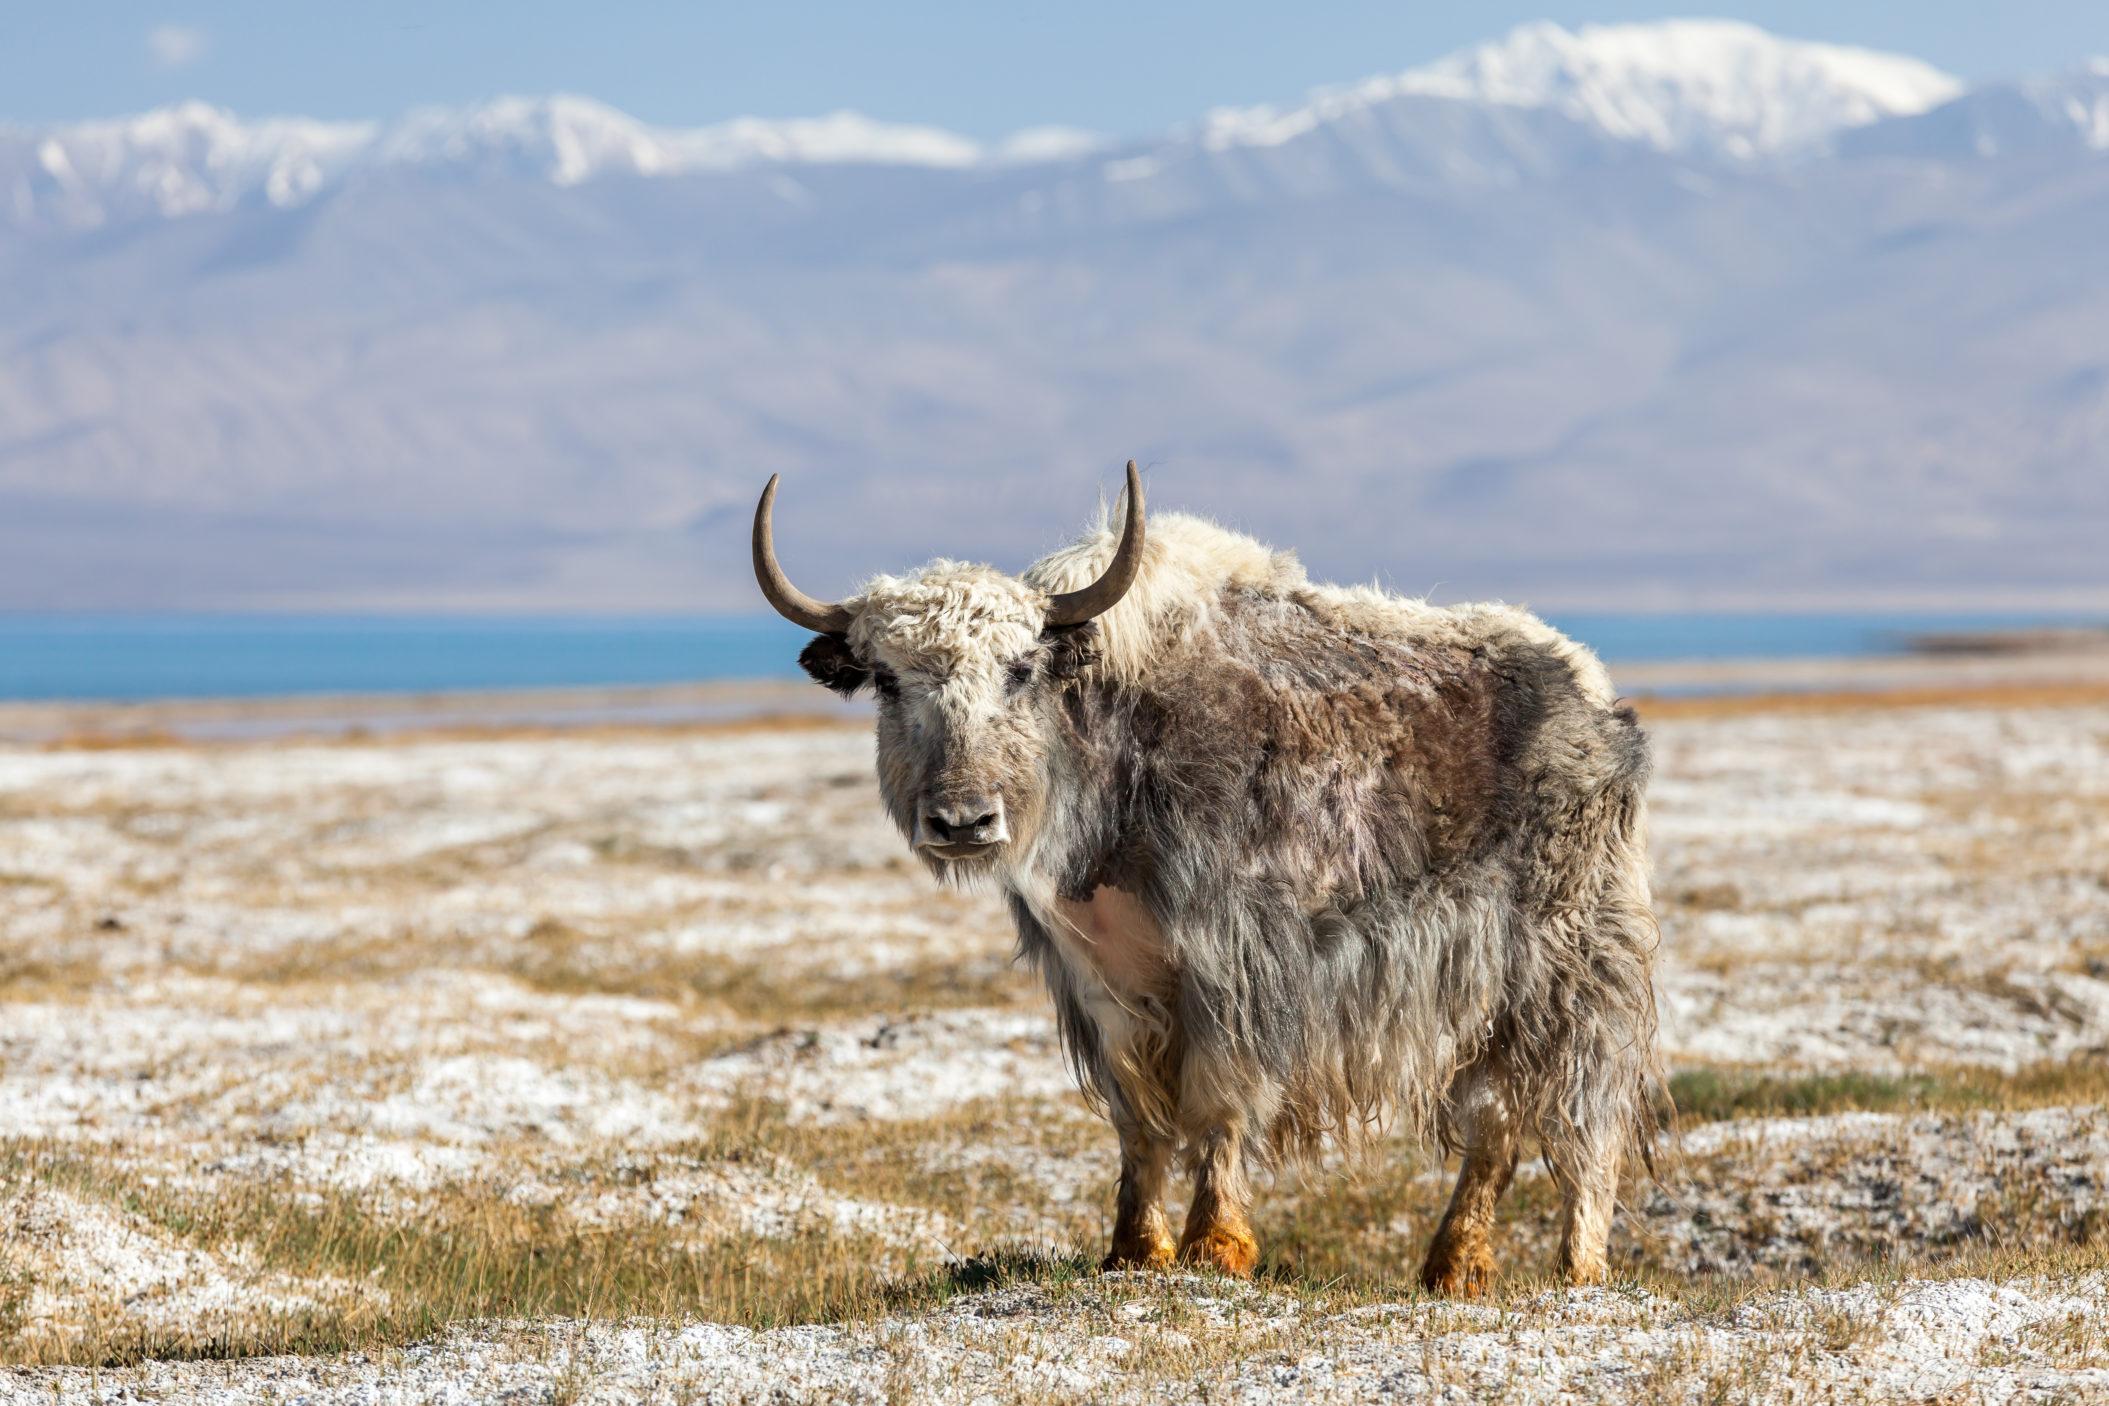 Tajikistan [Shutterstock]